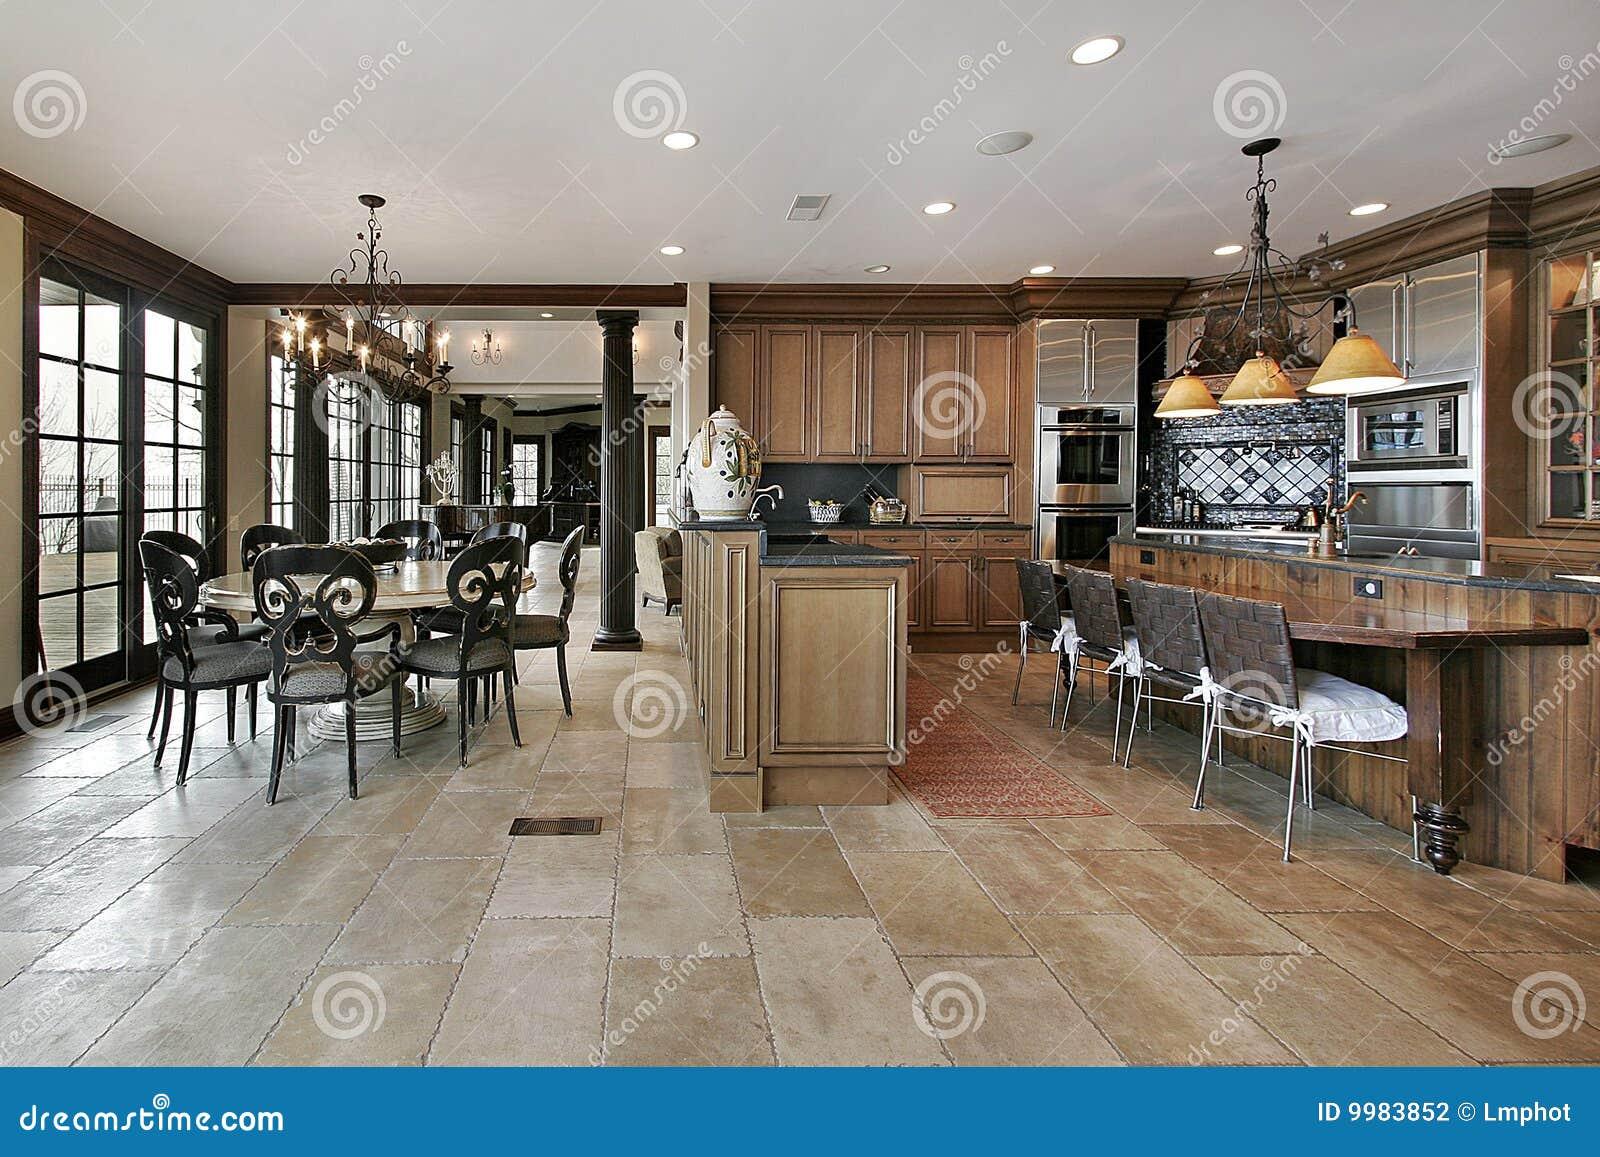 landküche im luxuxhaus stockfotografie - bild: 9983852 - Land Küche